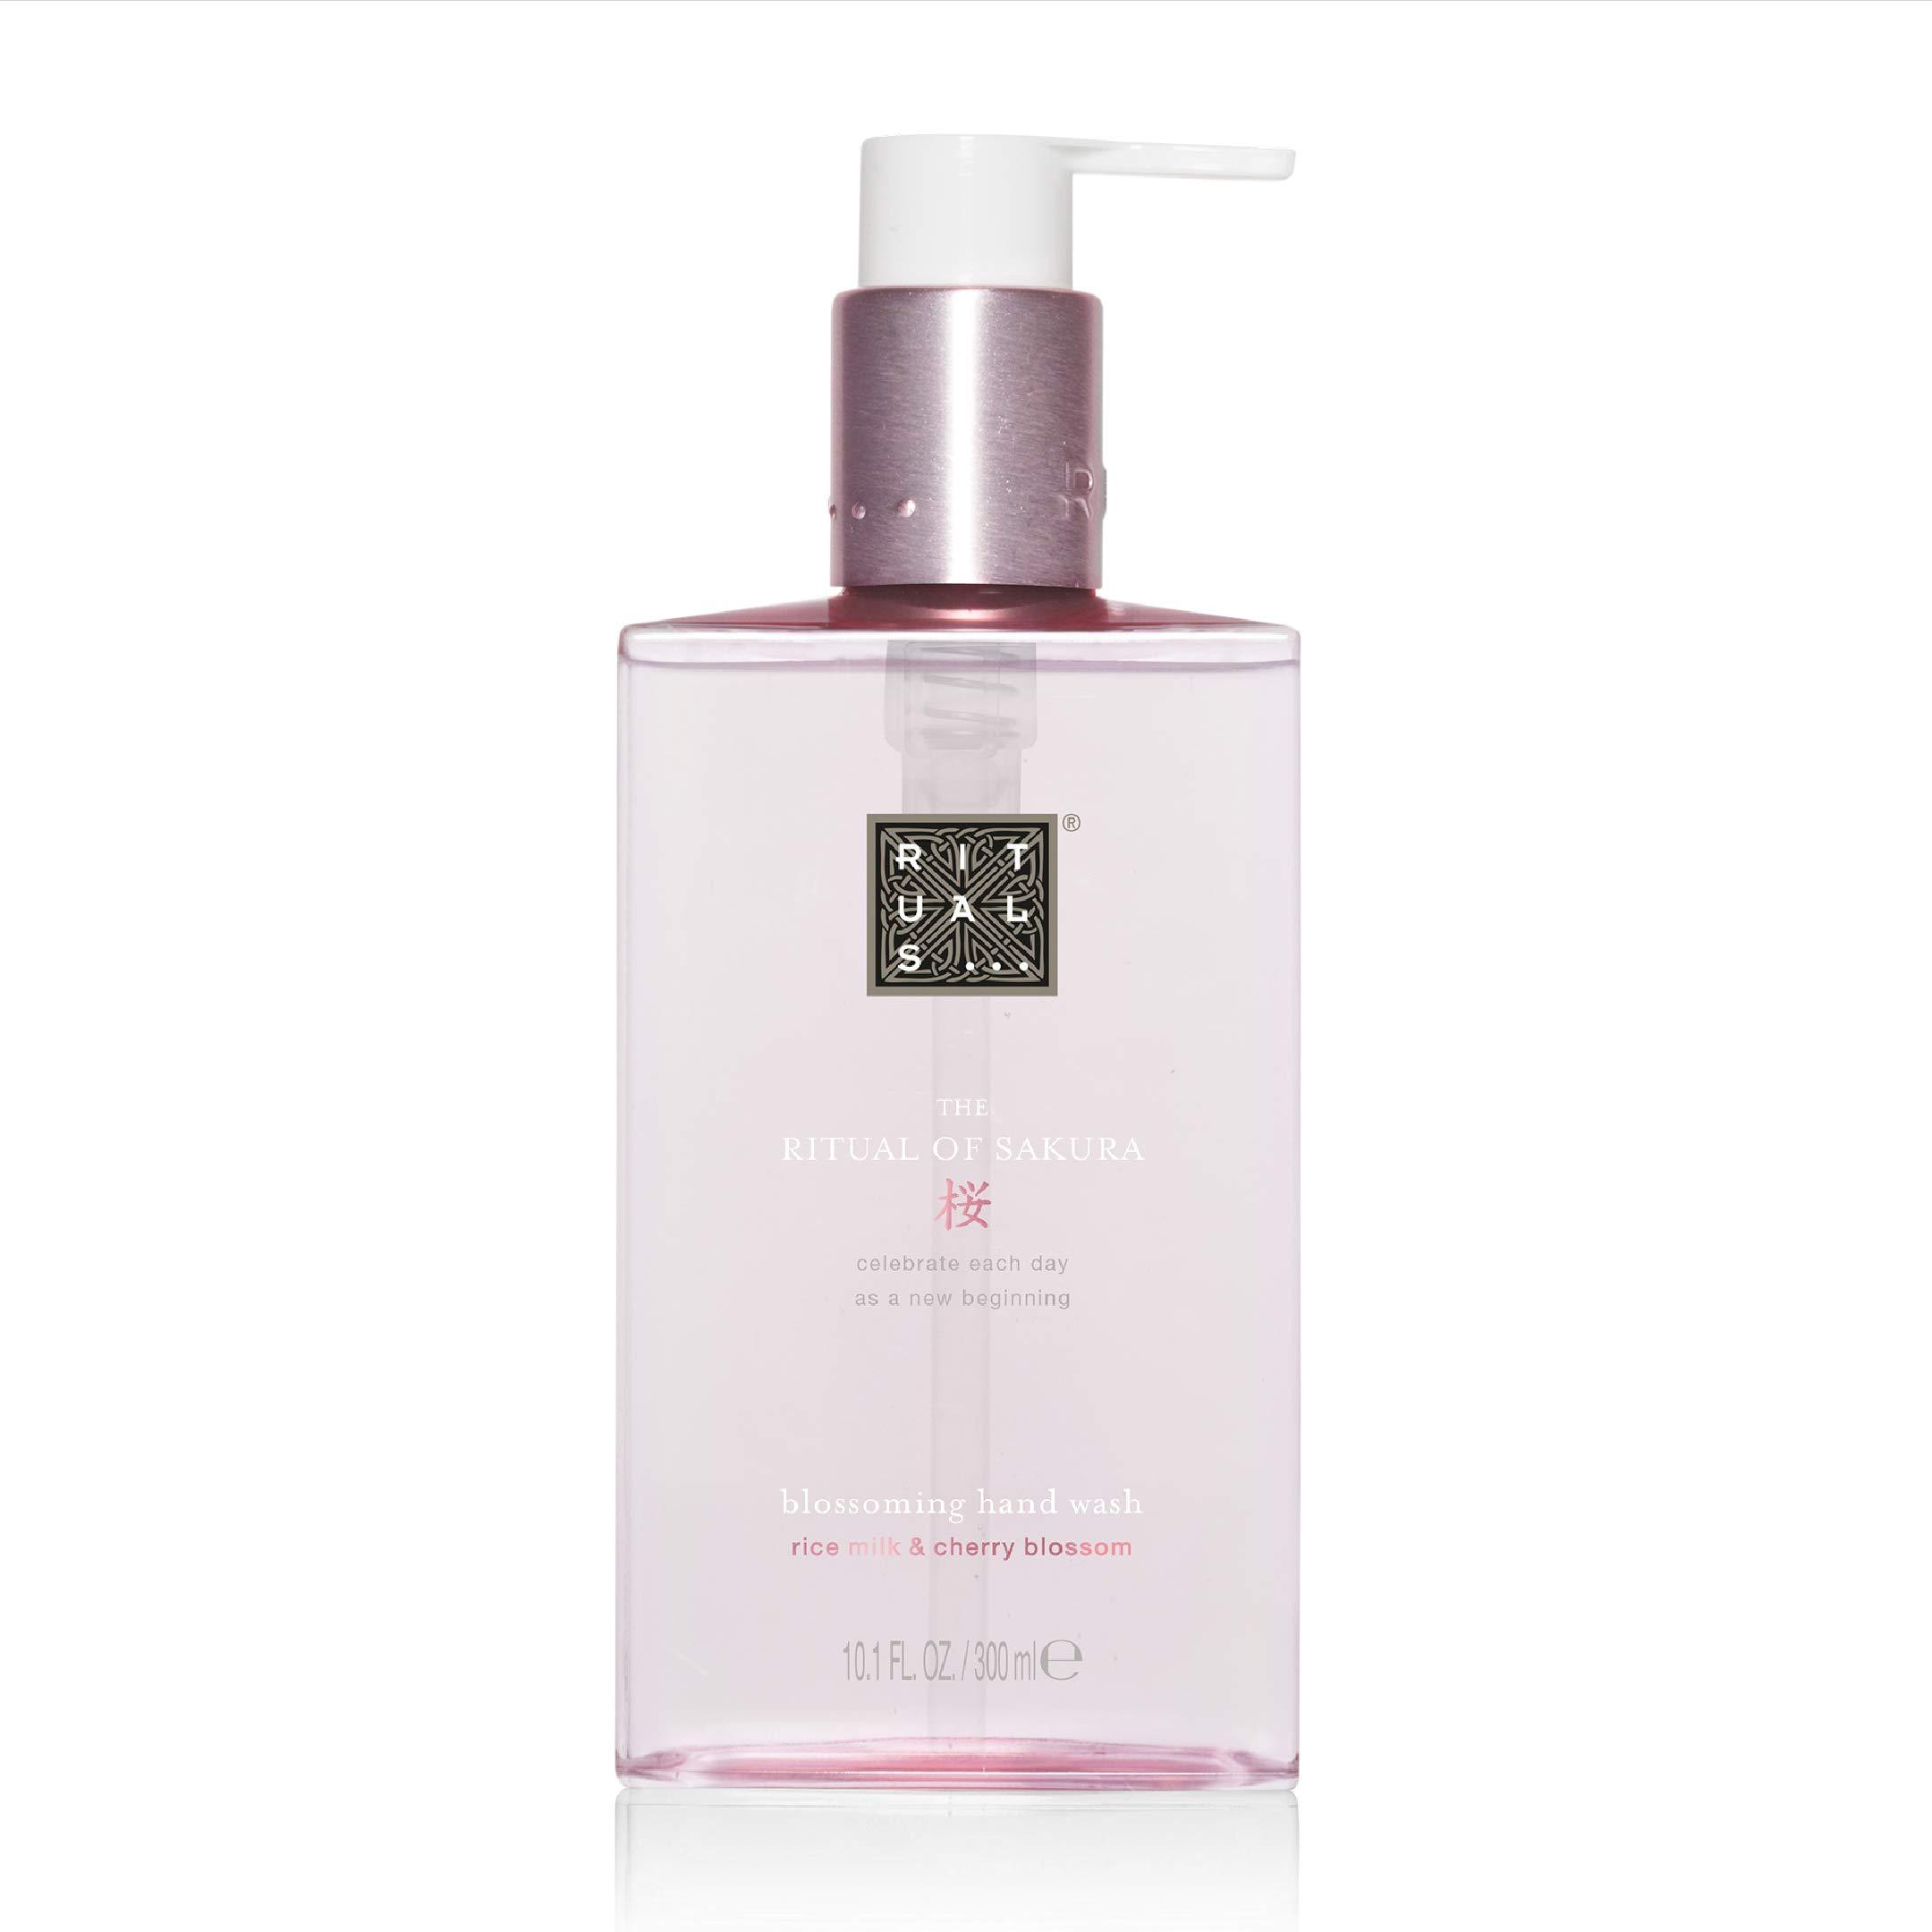 RITUALS The Ritual of Sakura Hand Wash - 10.1 Fl Oz